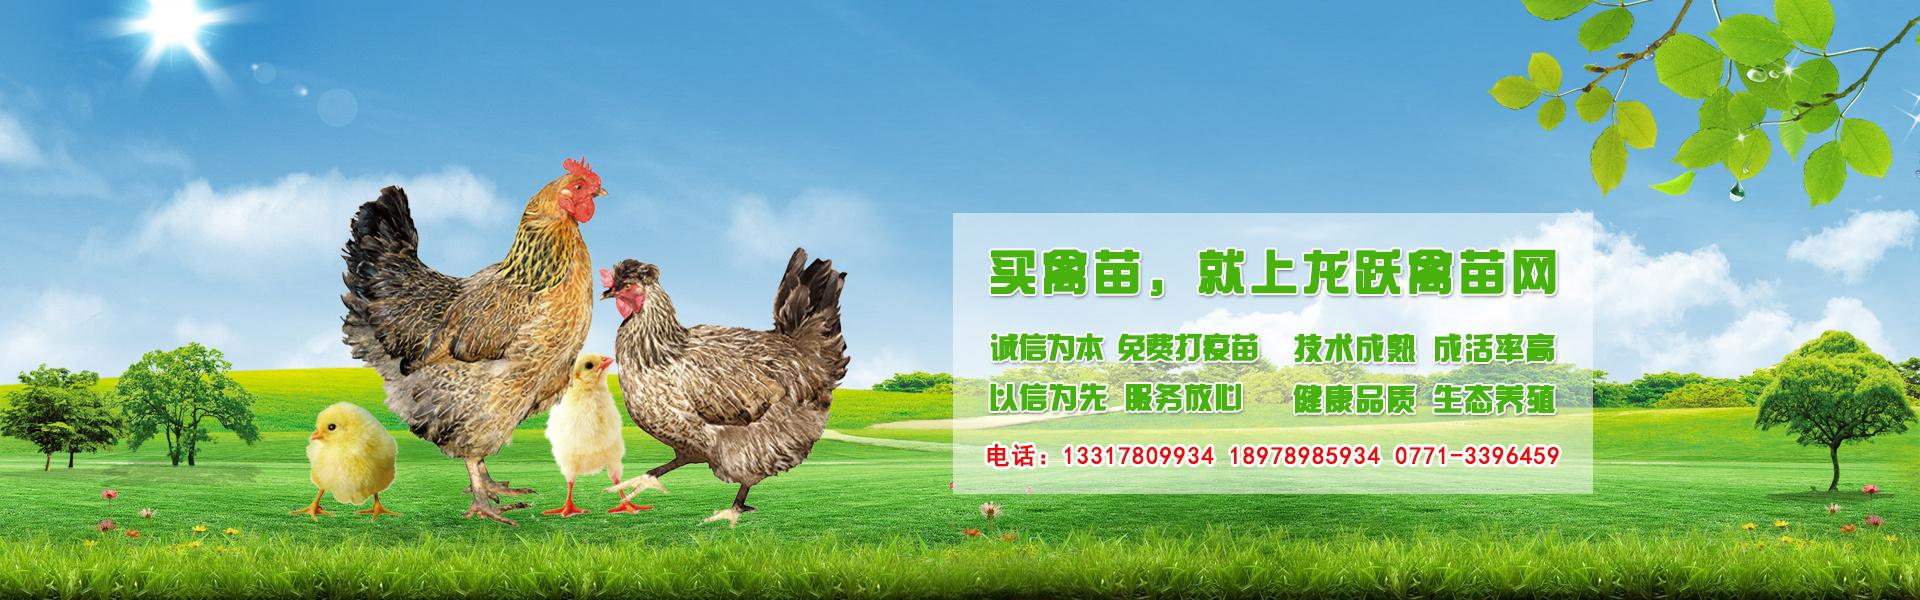 广西鸡苗孵化基地-广西跃龙禽苗孵化有限公司基地负责搞好疫苗,负责技术指导